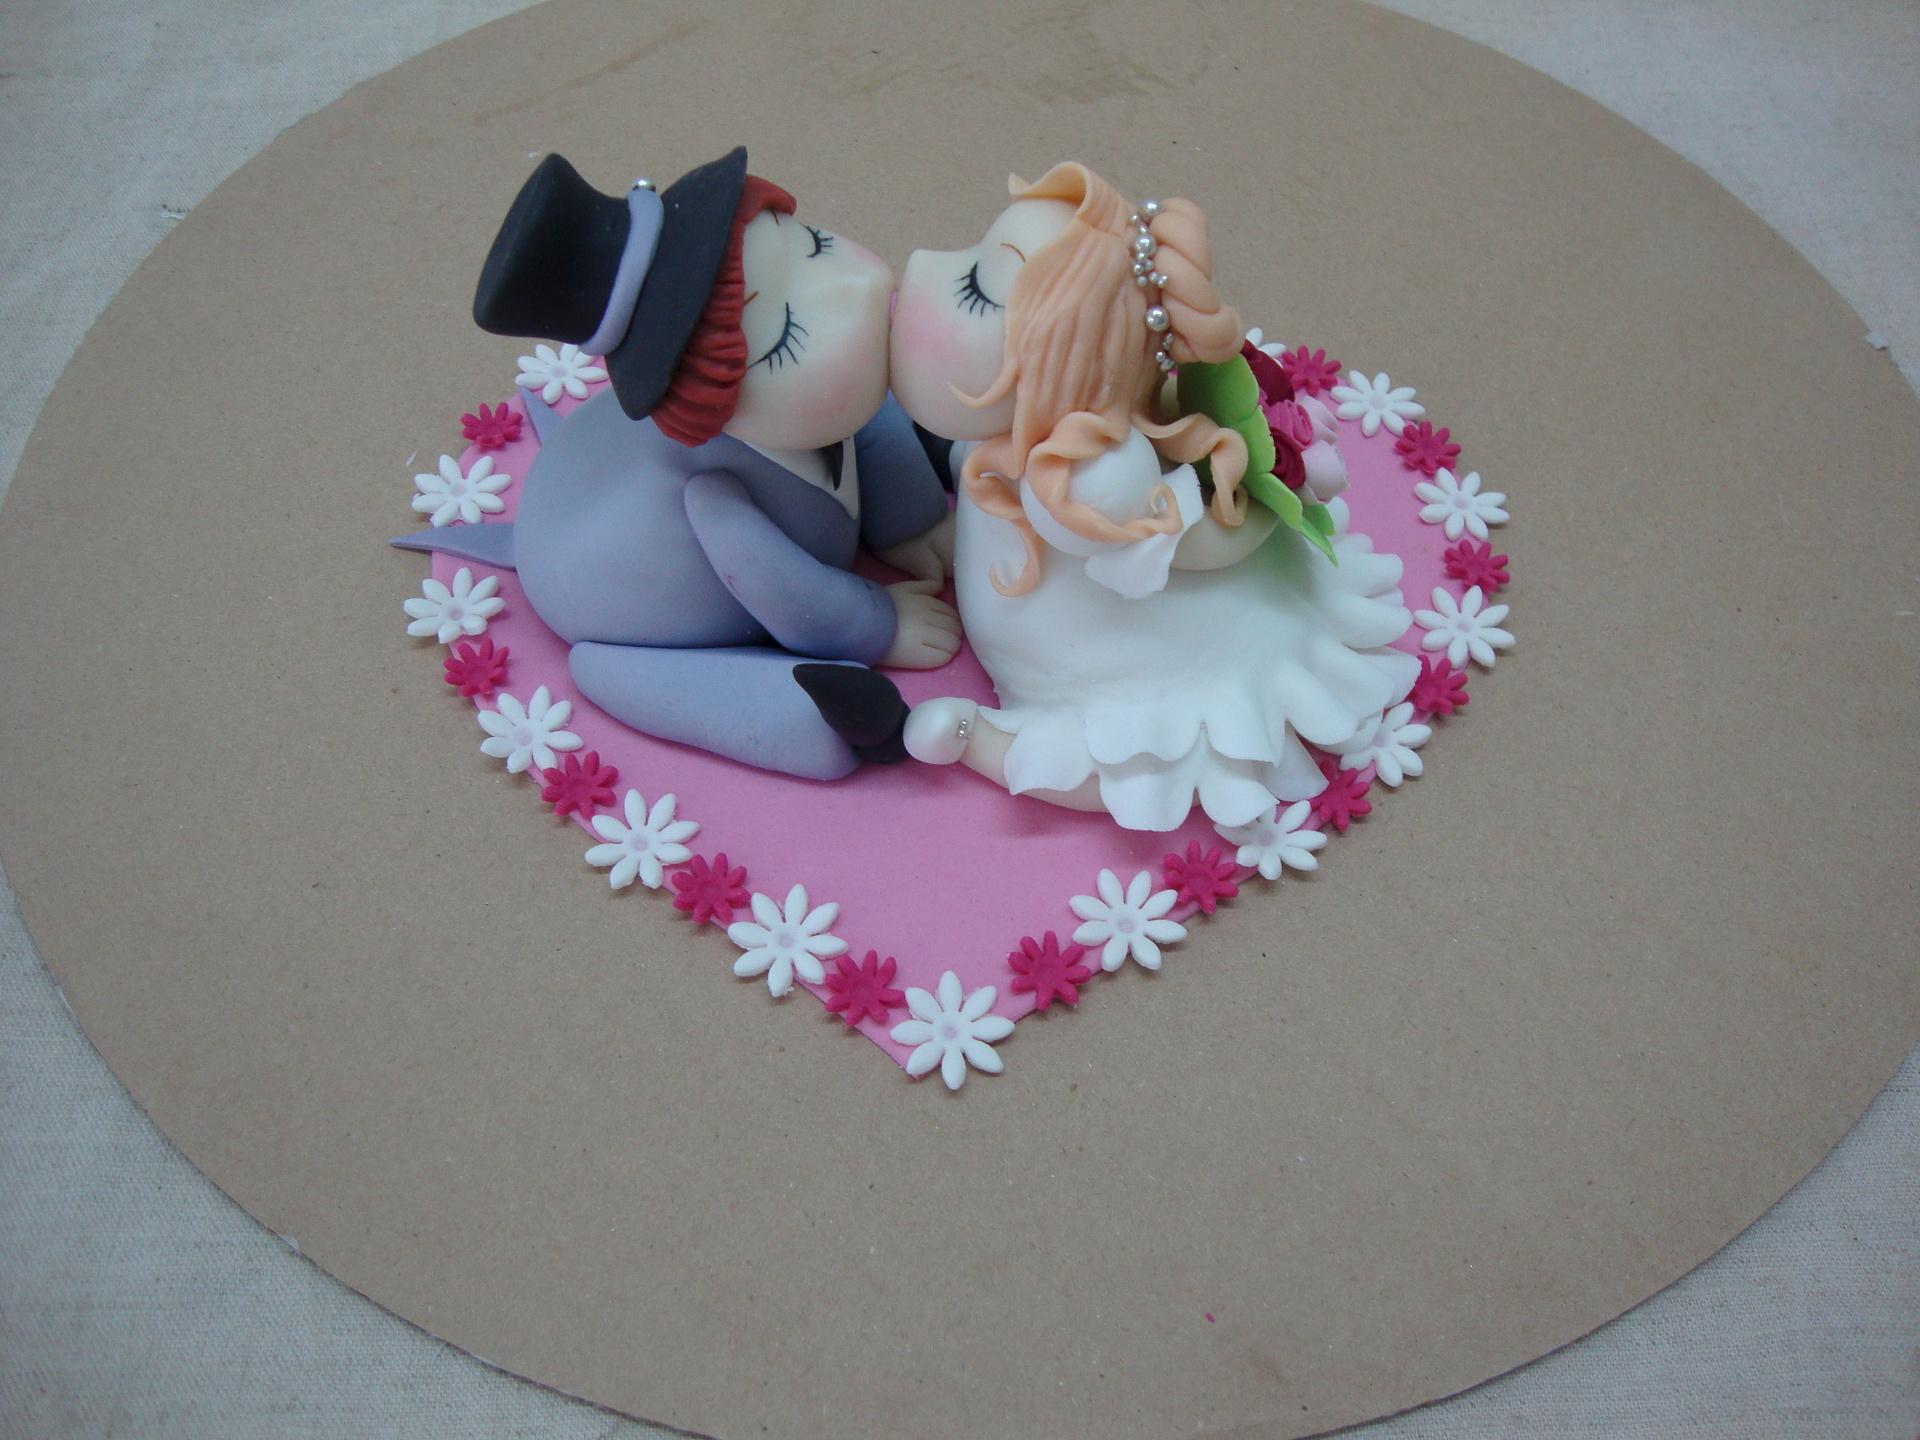 Украшение свадебного торта своими руками: идеи и фото 63